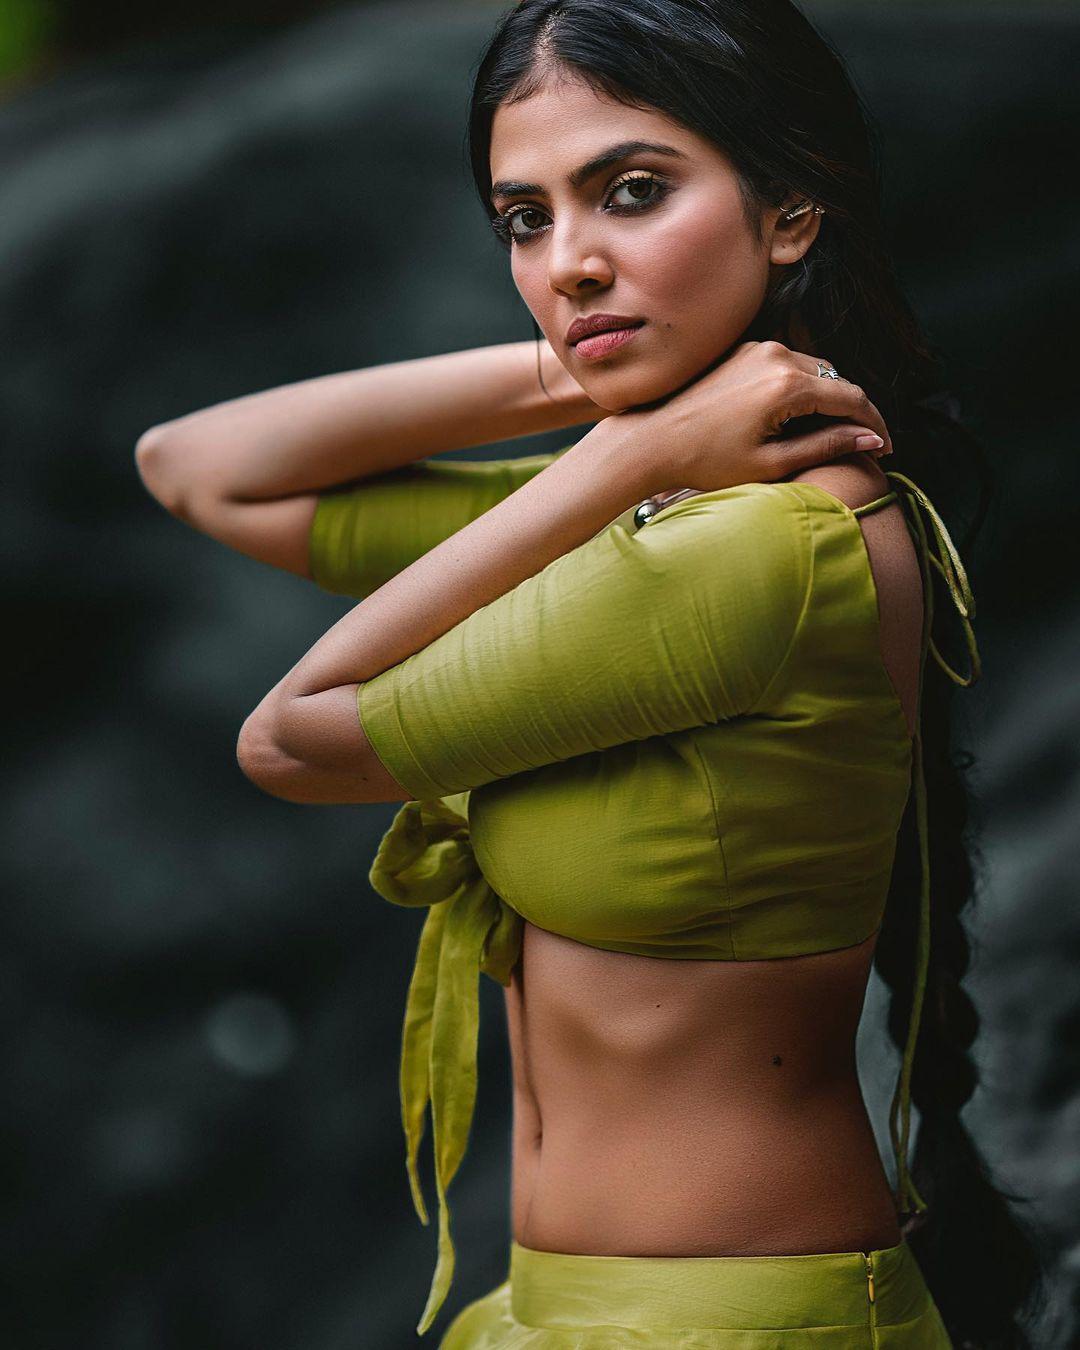 நடிகை மாளவிகா மோகனன் ( Image :Instagram @malavikamohanan_)